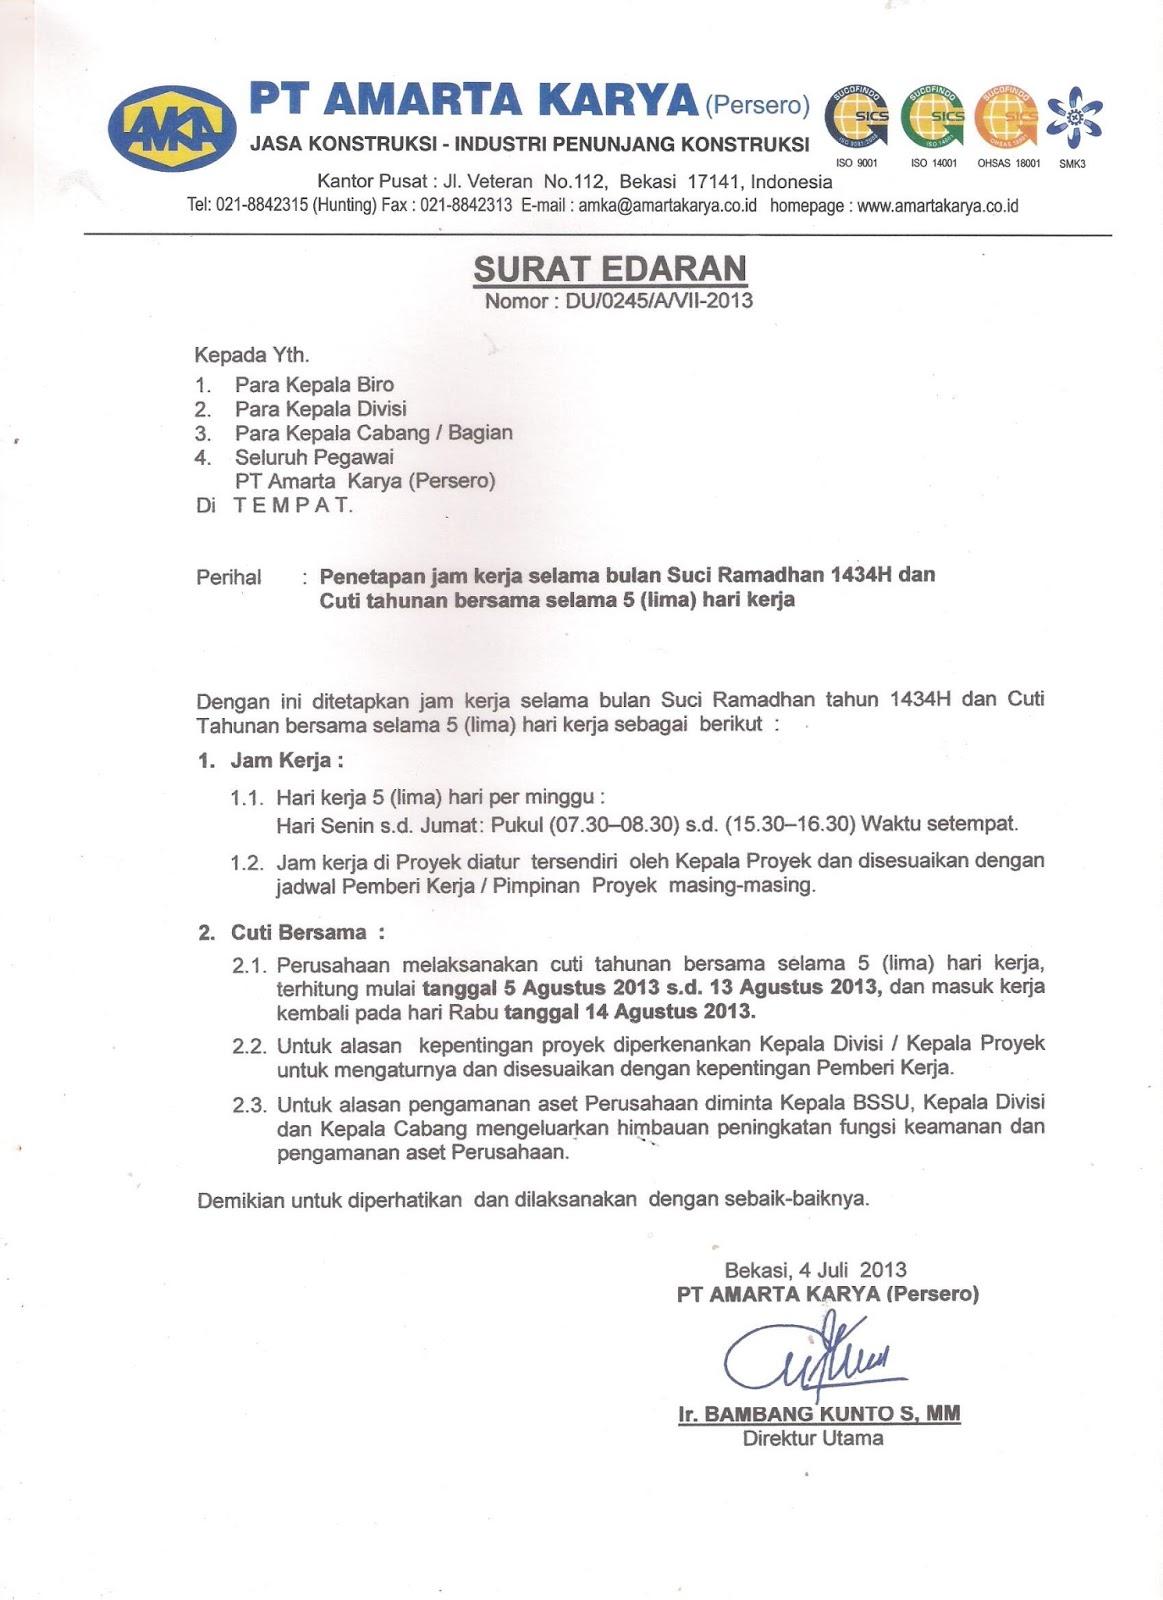 Contoh Surat Edaran Perjalanan Dinas